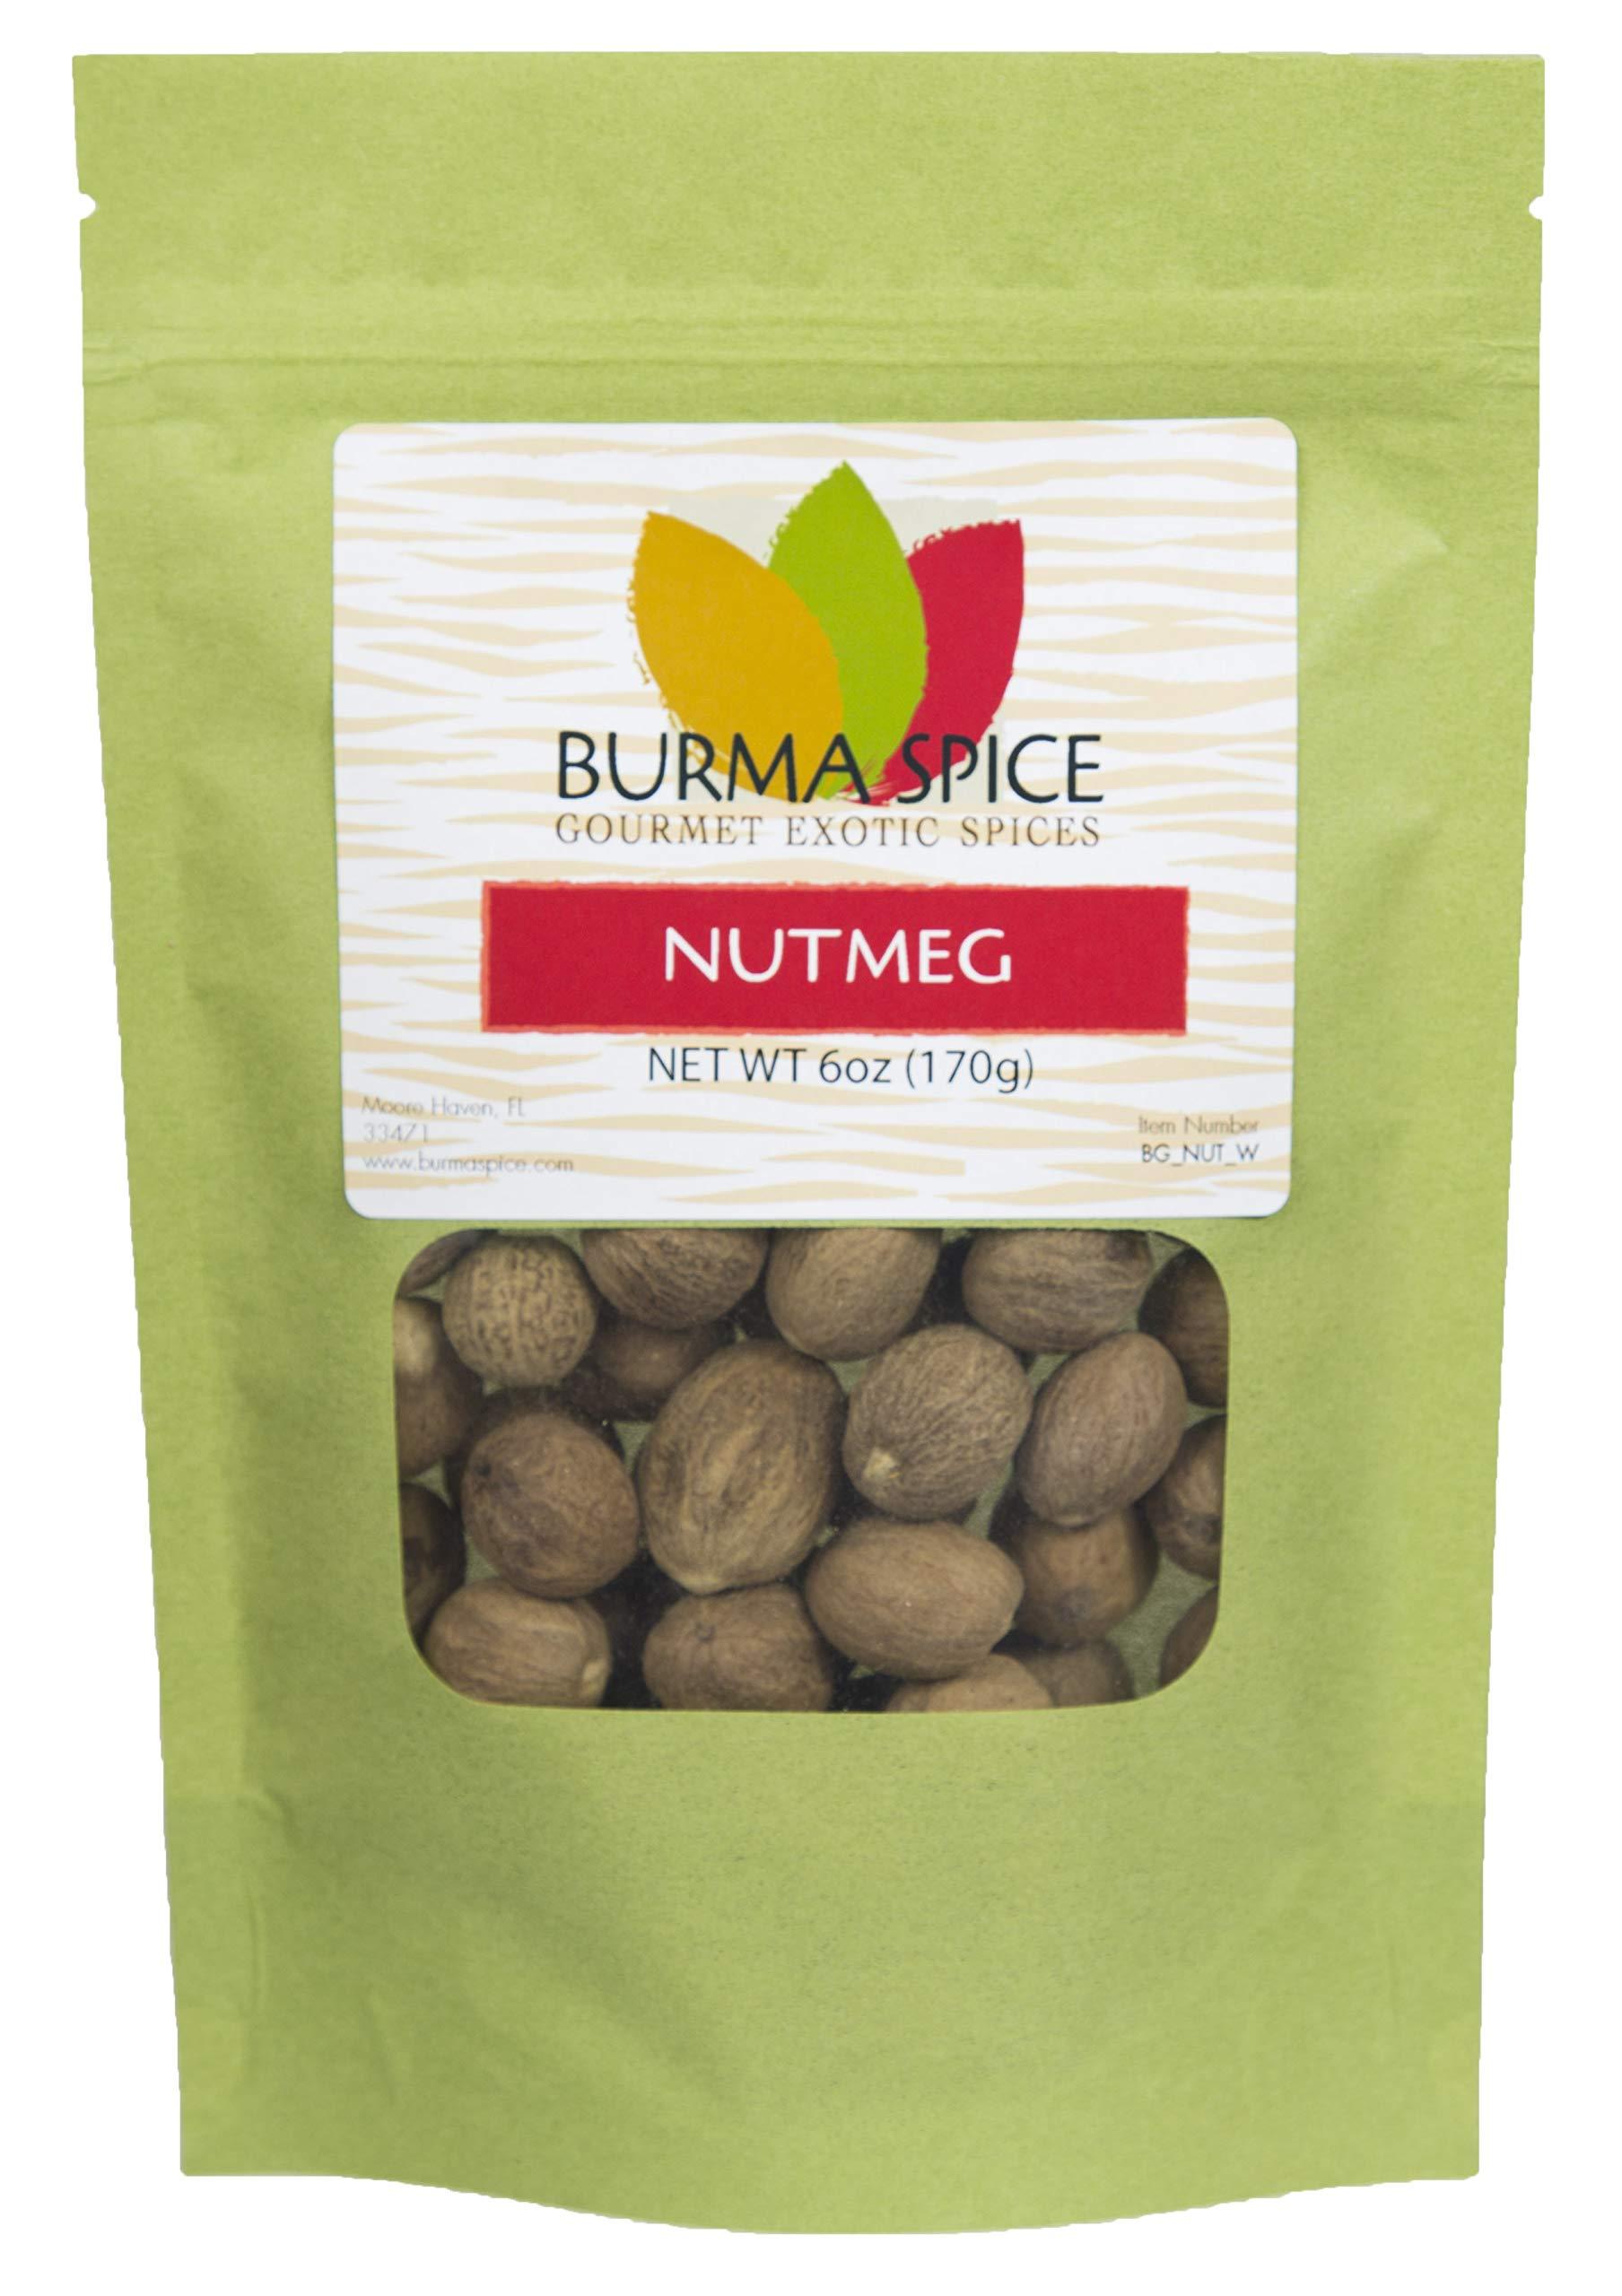 Whole Nutmeg (6oz.)